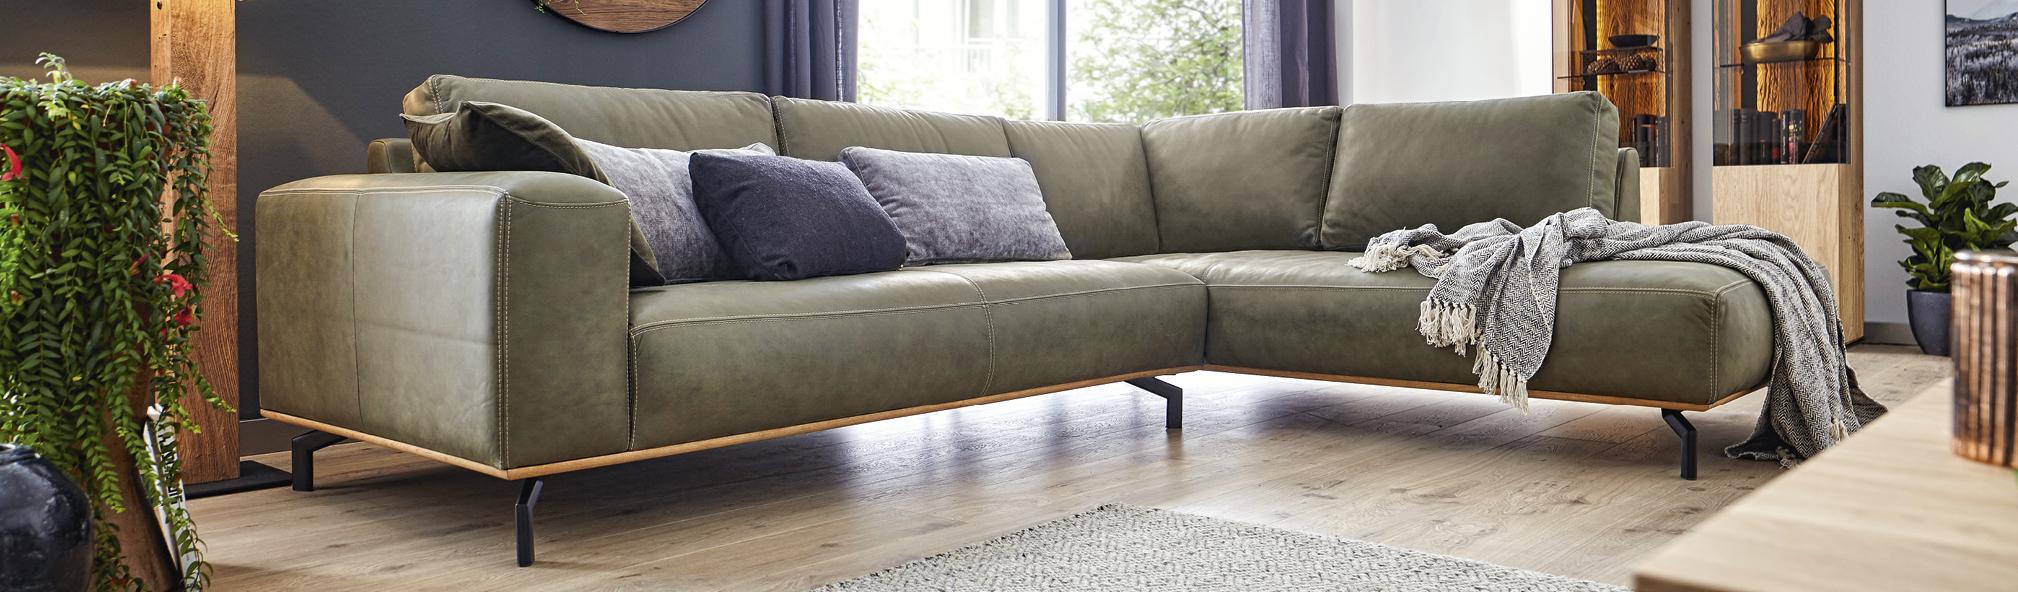 Full Size of Natura Sofa Couch Denver Love Home Newport Pasadena Brooklyn Entdecken Sie Vielseitigkeit Massivholz Altes Garnitur 2 Teilig Günstiges Schilling Türkische Sofa Natura Sofa